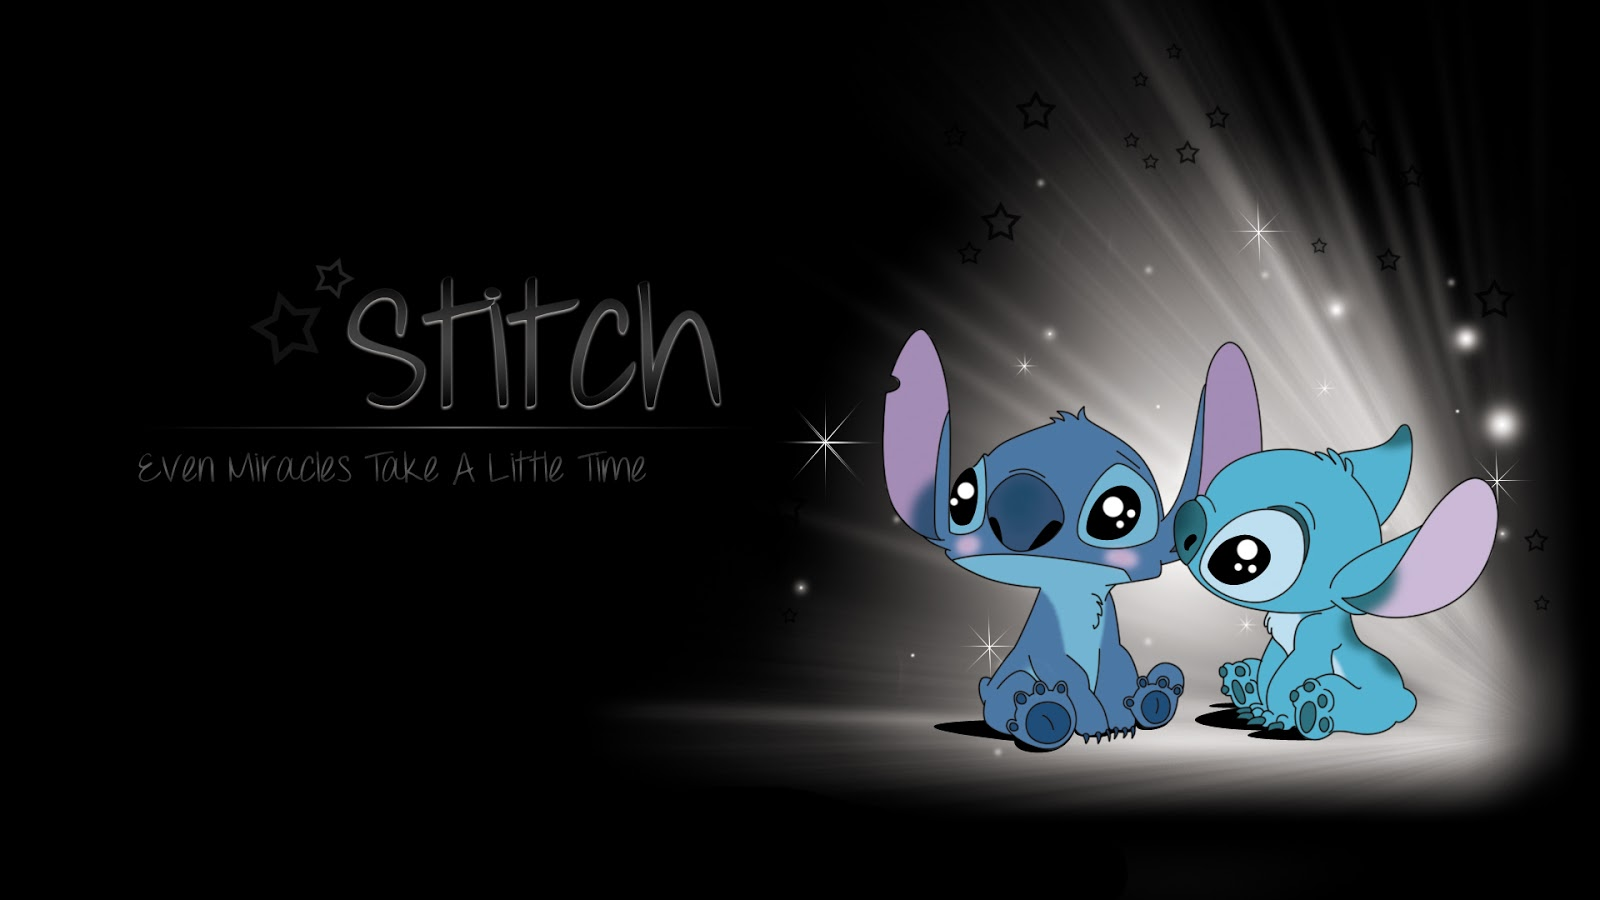 Hình nền Stitch dễ thương, Ảnh nền Stitch đáng yêu cho máy tính